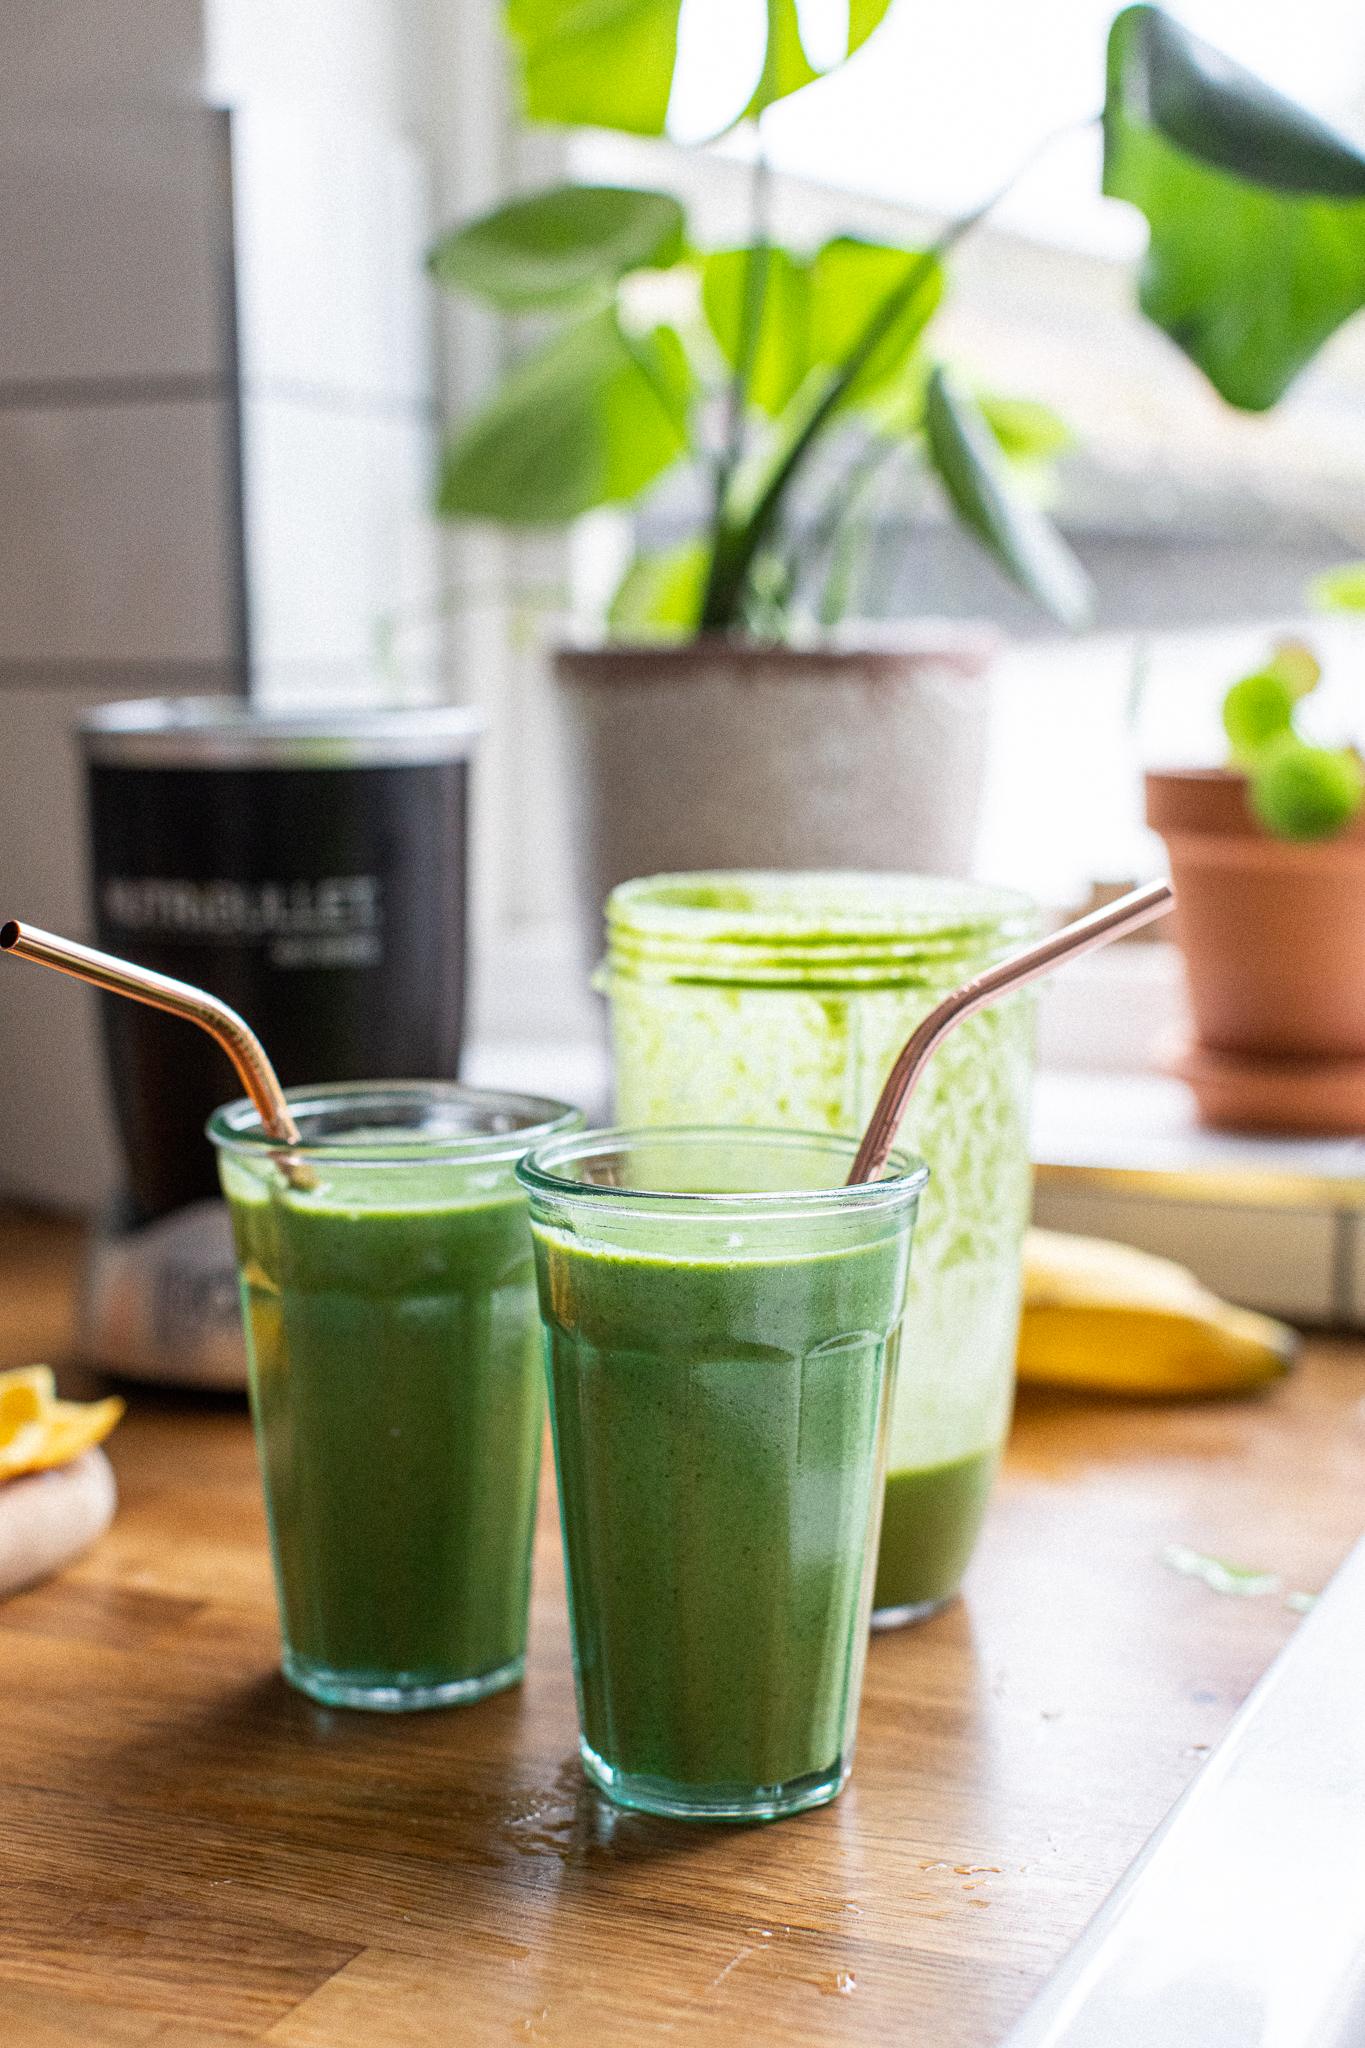 Low FODMAP green banana smoothie